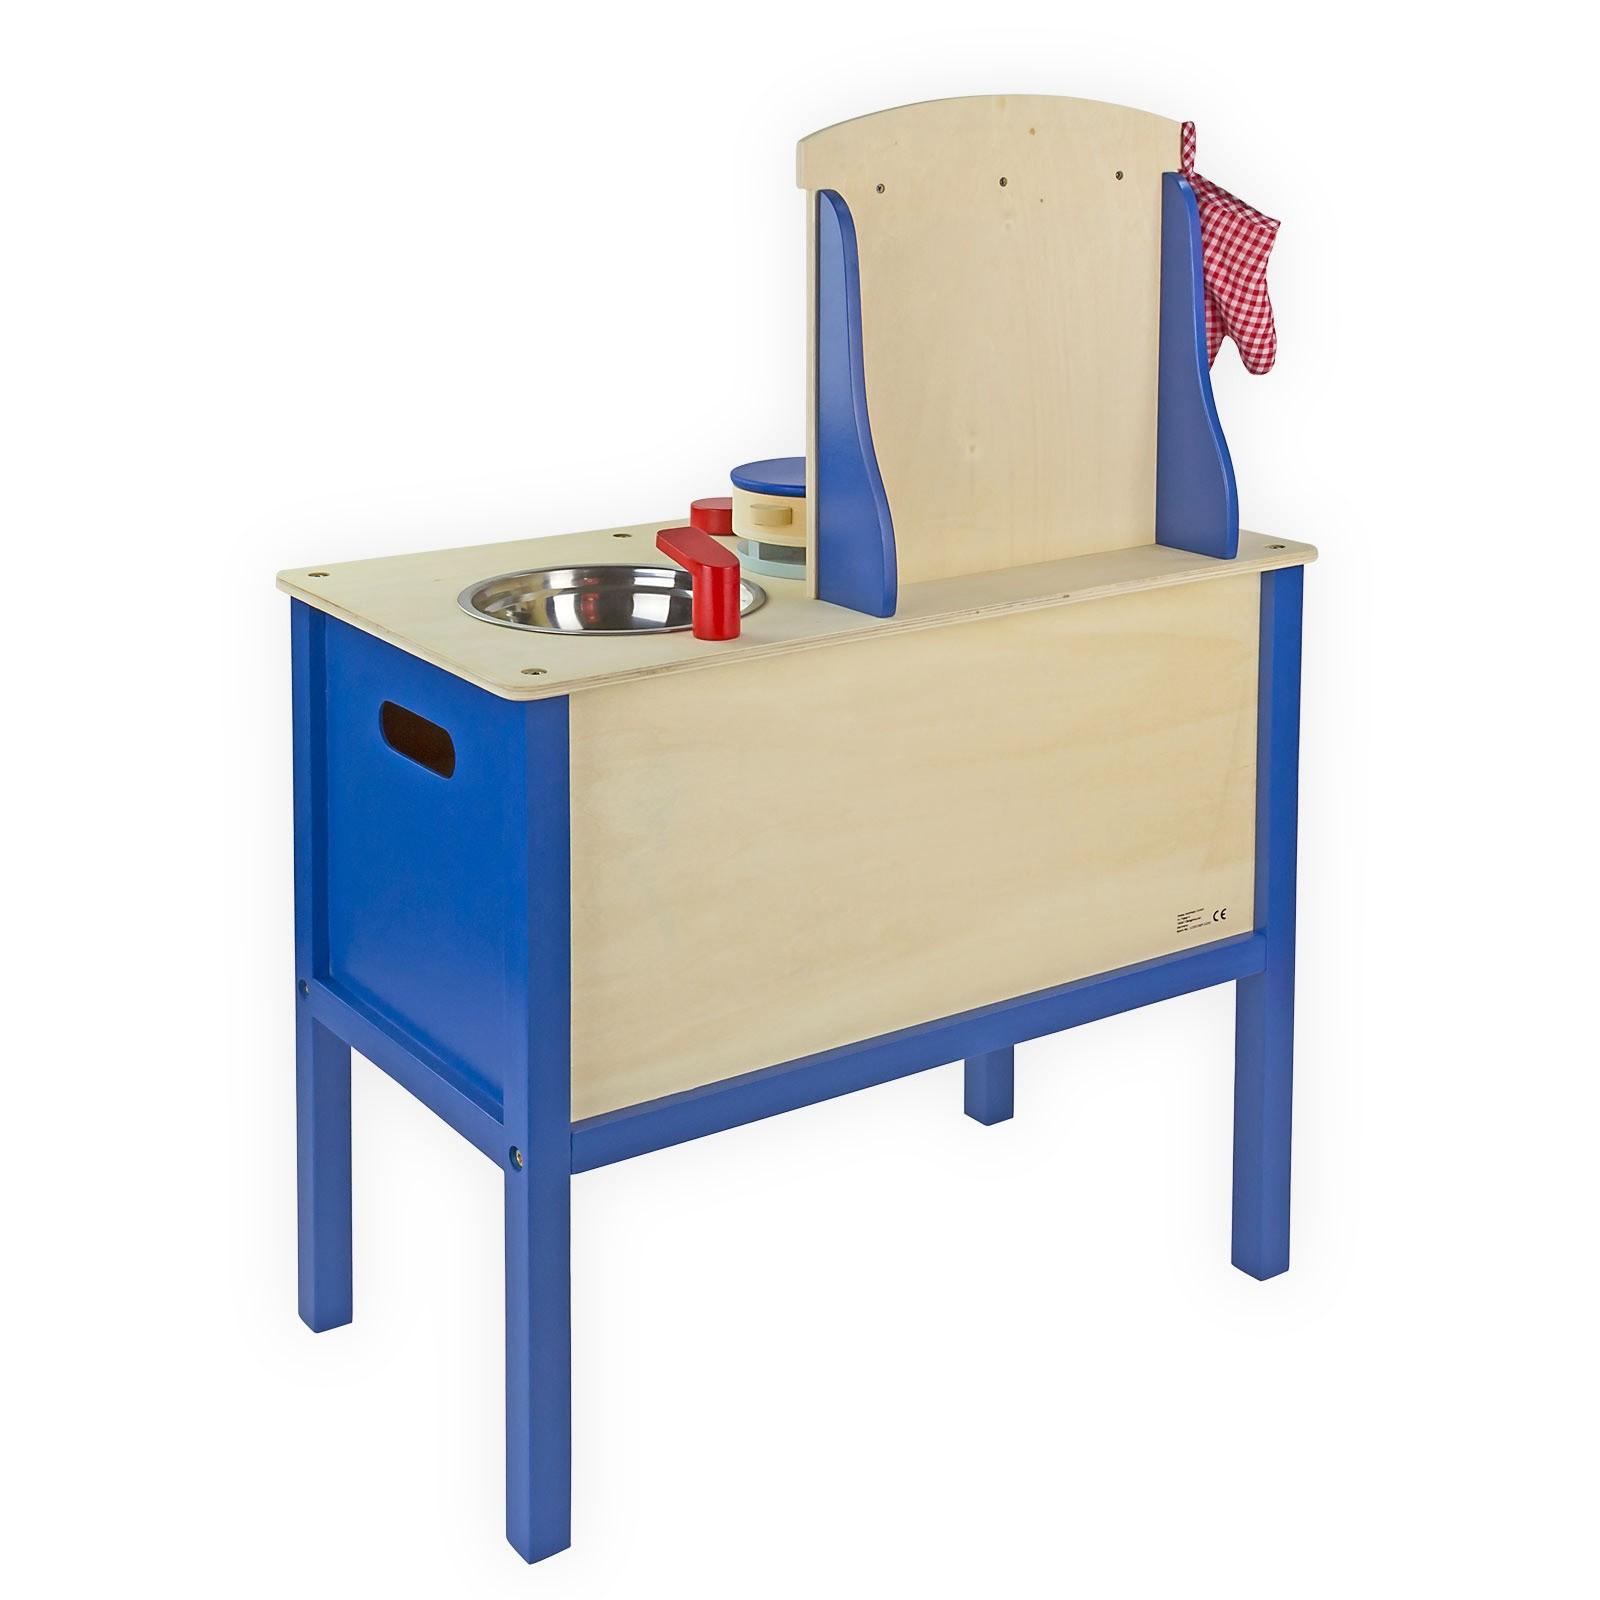 kinderk che aus holz mit zubeh r k che spielk che. Black Bedroom Furniture Sets. Home Design Ideas